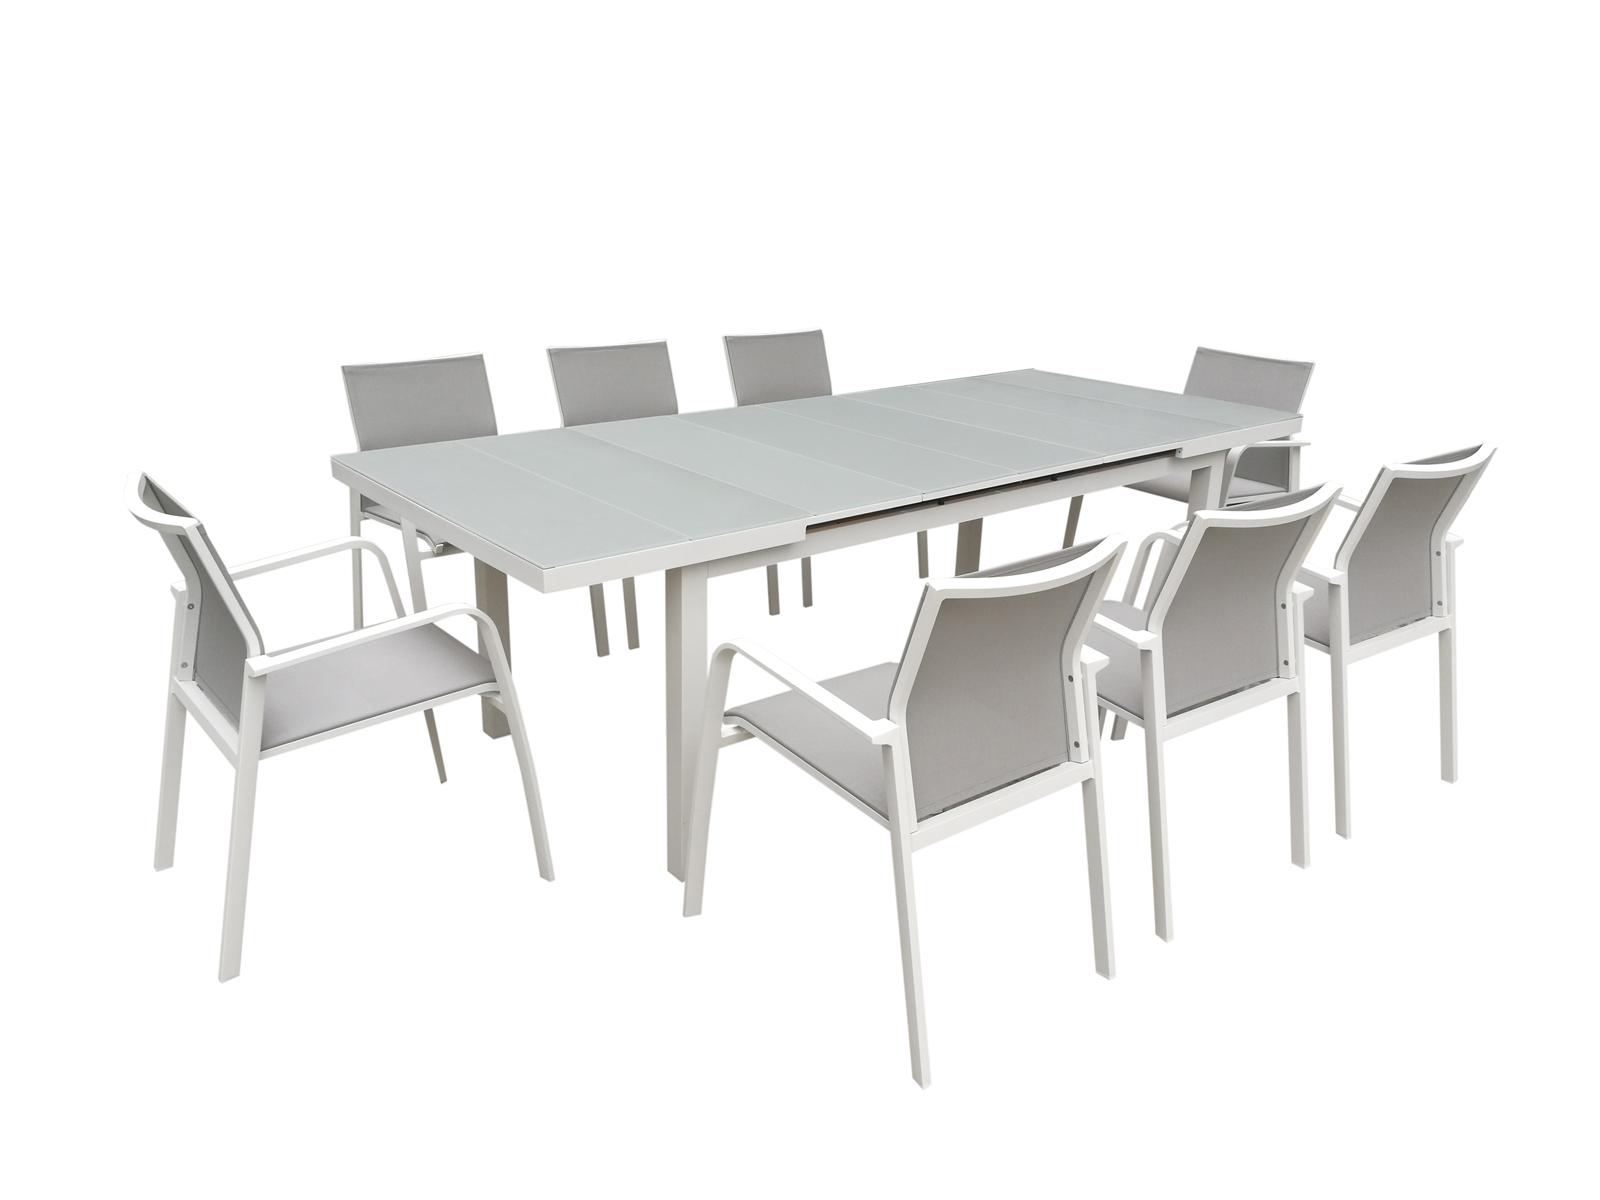 Table De Jardin Extensible Nice 180/240Cm En Aluminium Blanc Gris Et  Plateau Verre Blanc Gris encequiconcerne Table De Jardin Aluminium Et Verre